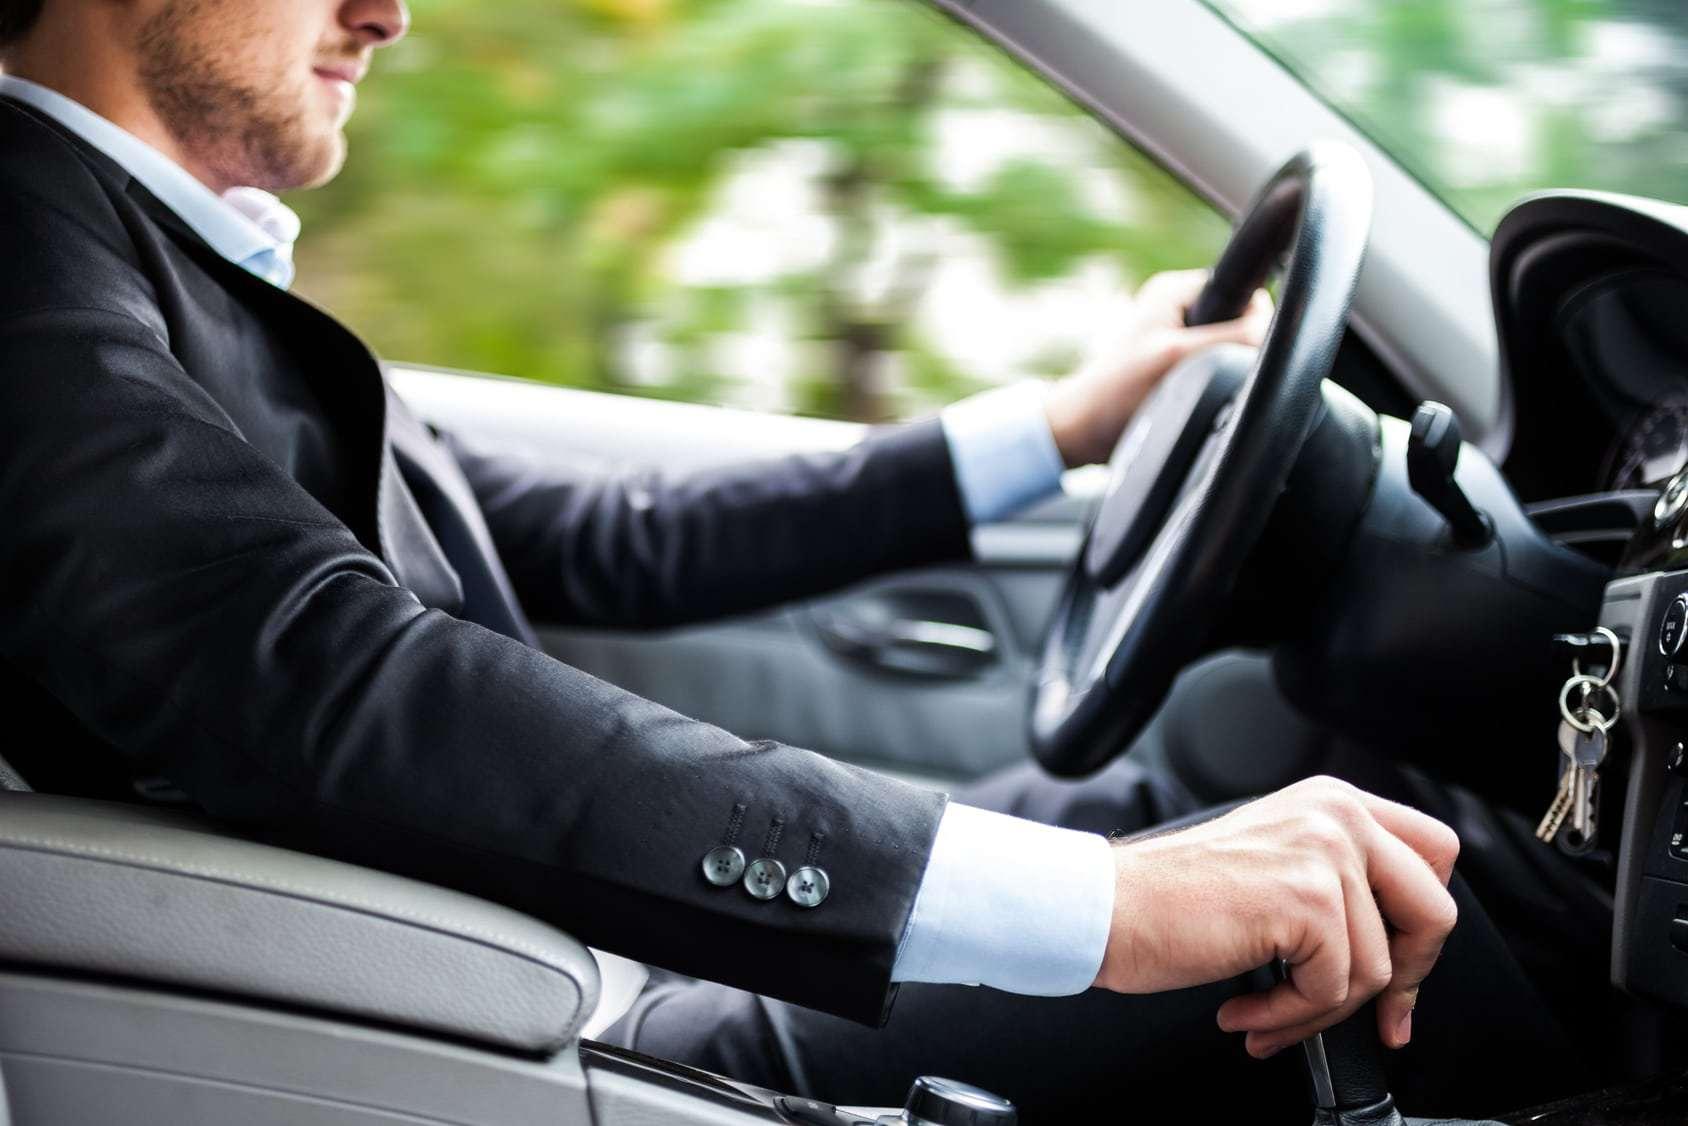 Puesta en marcha conducción eficiente por rentl car Málaga